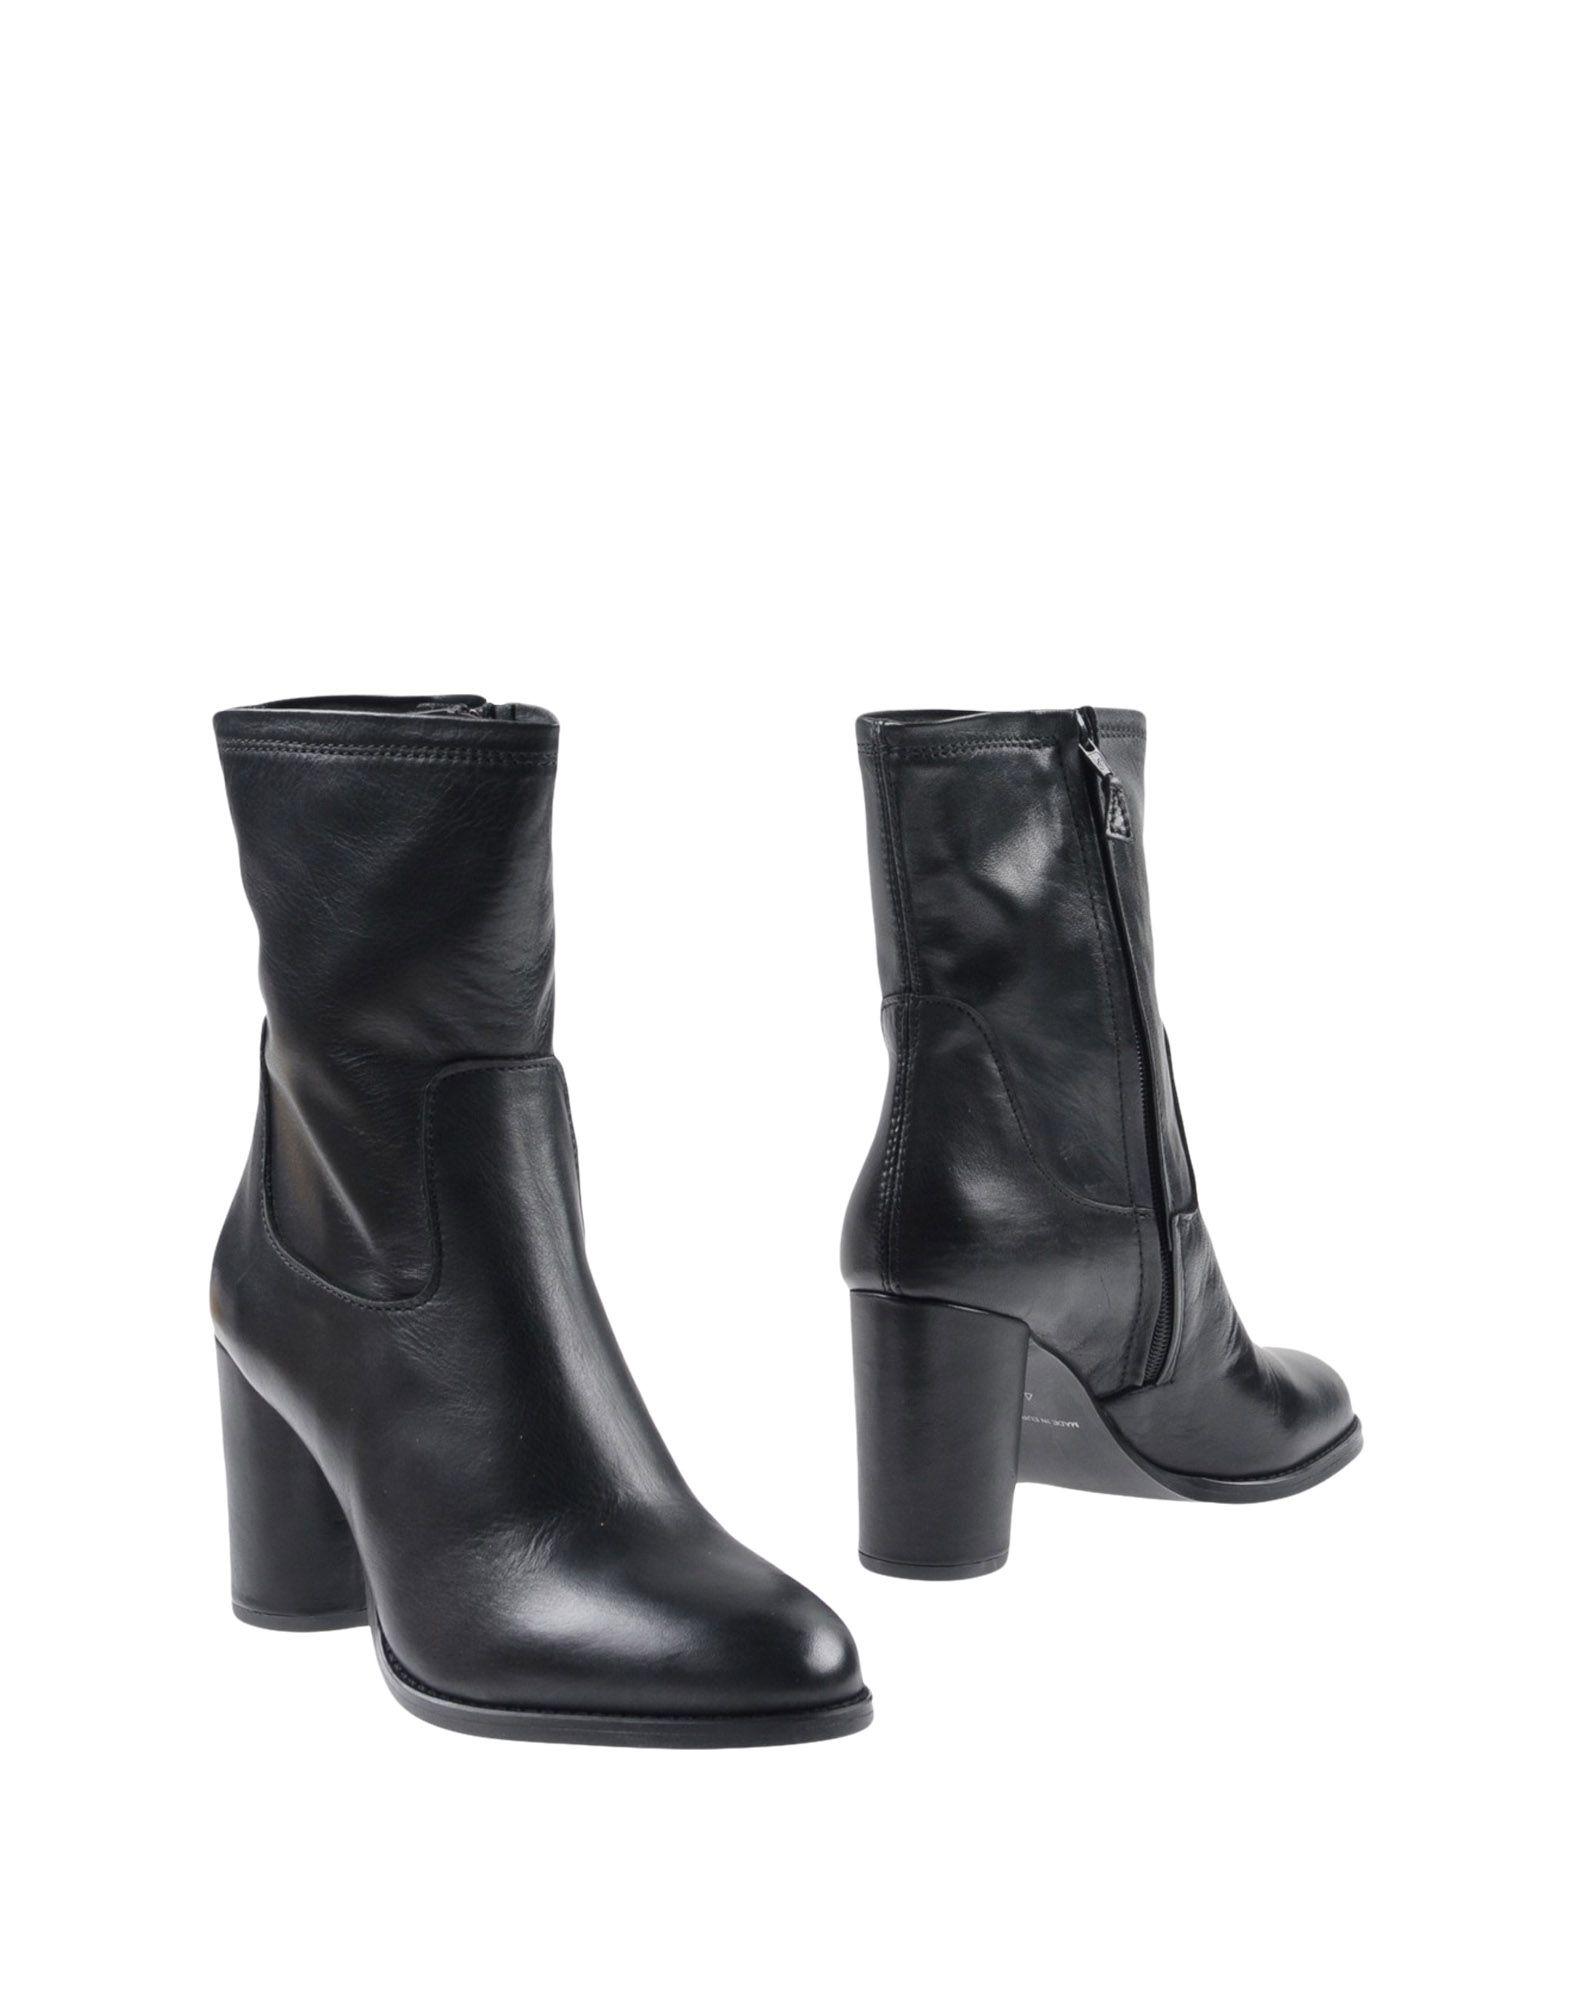 ФОТО c.g berlin Полусапоги и высокие ботинки